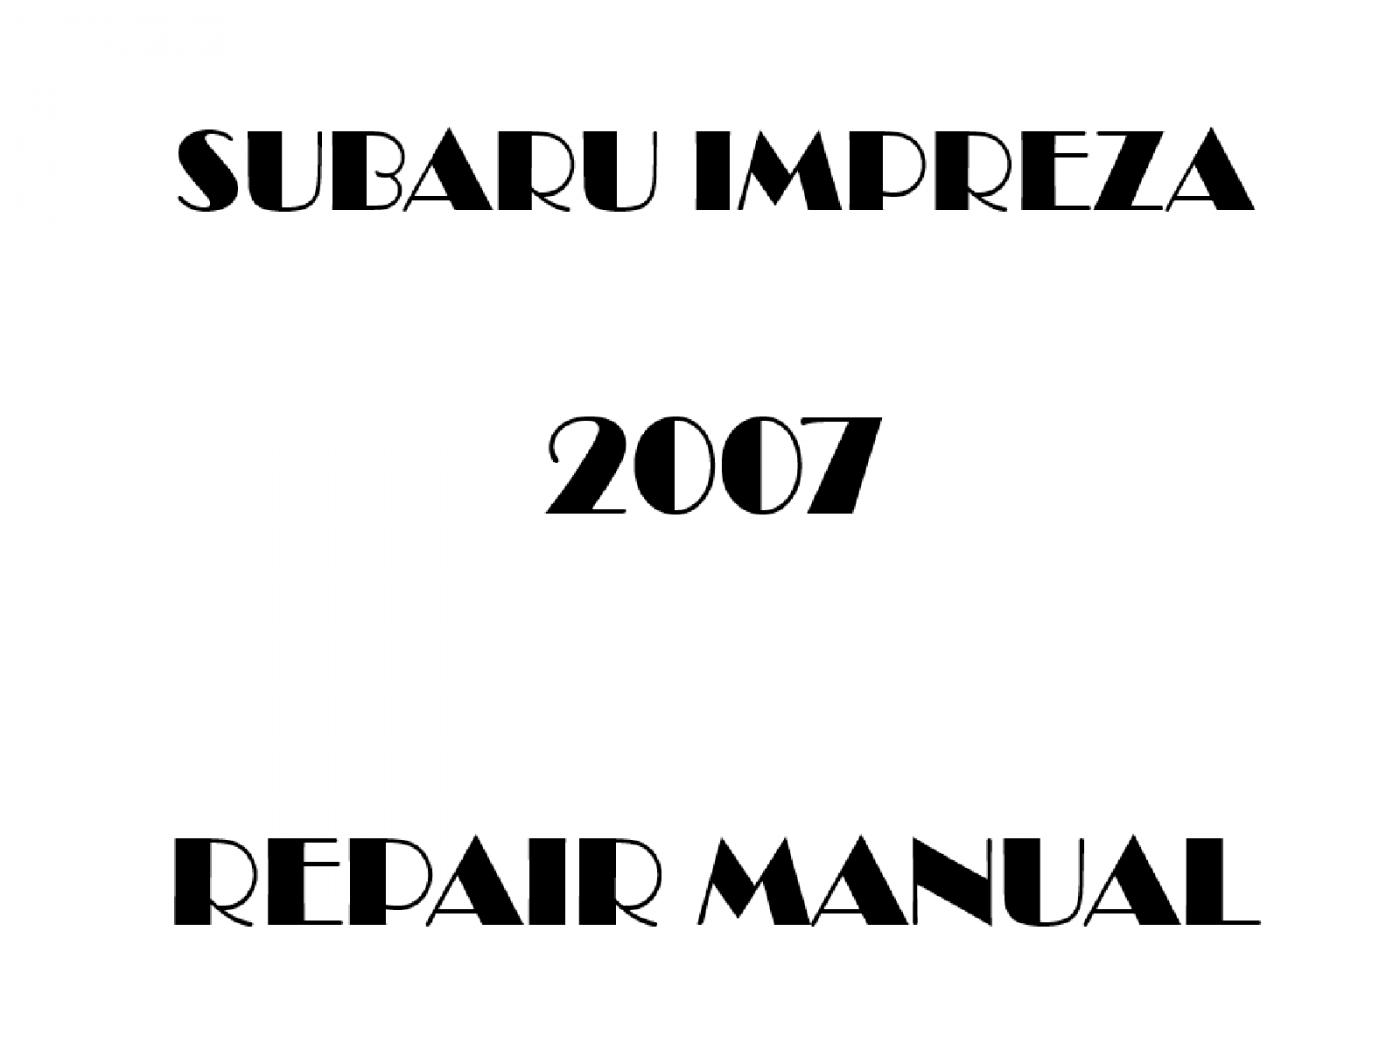 2007 Subaru Impreza repair manual